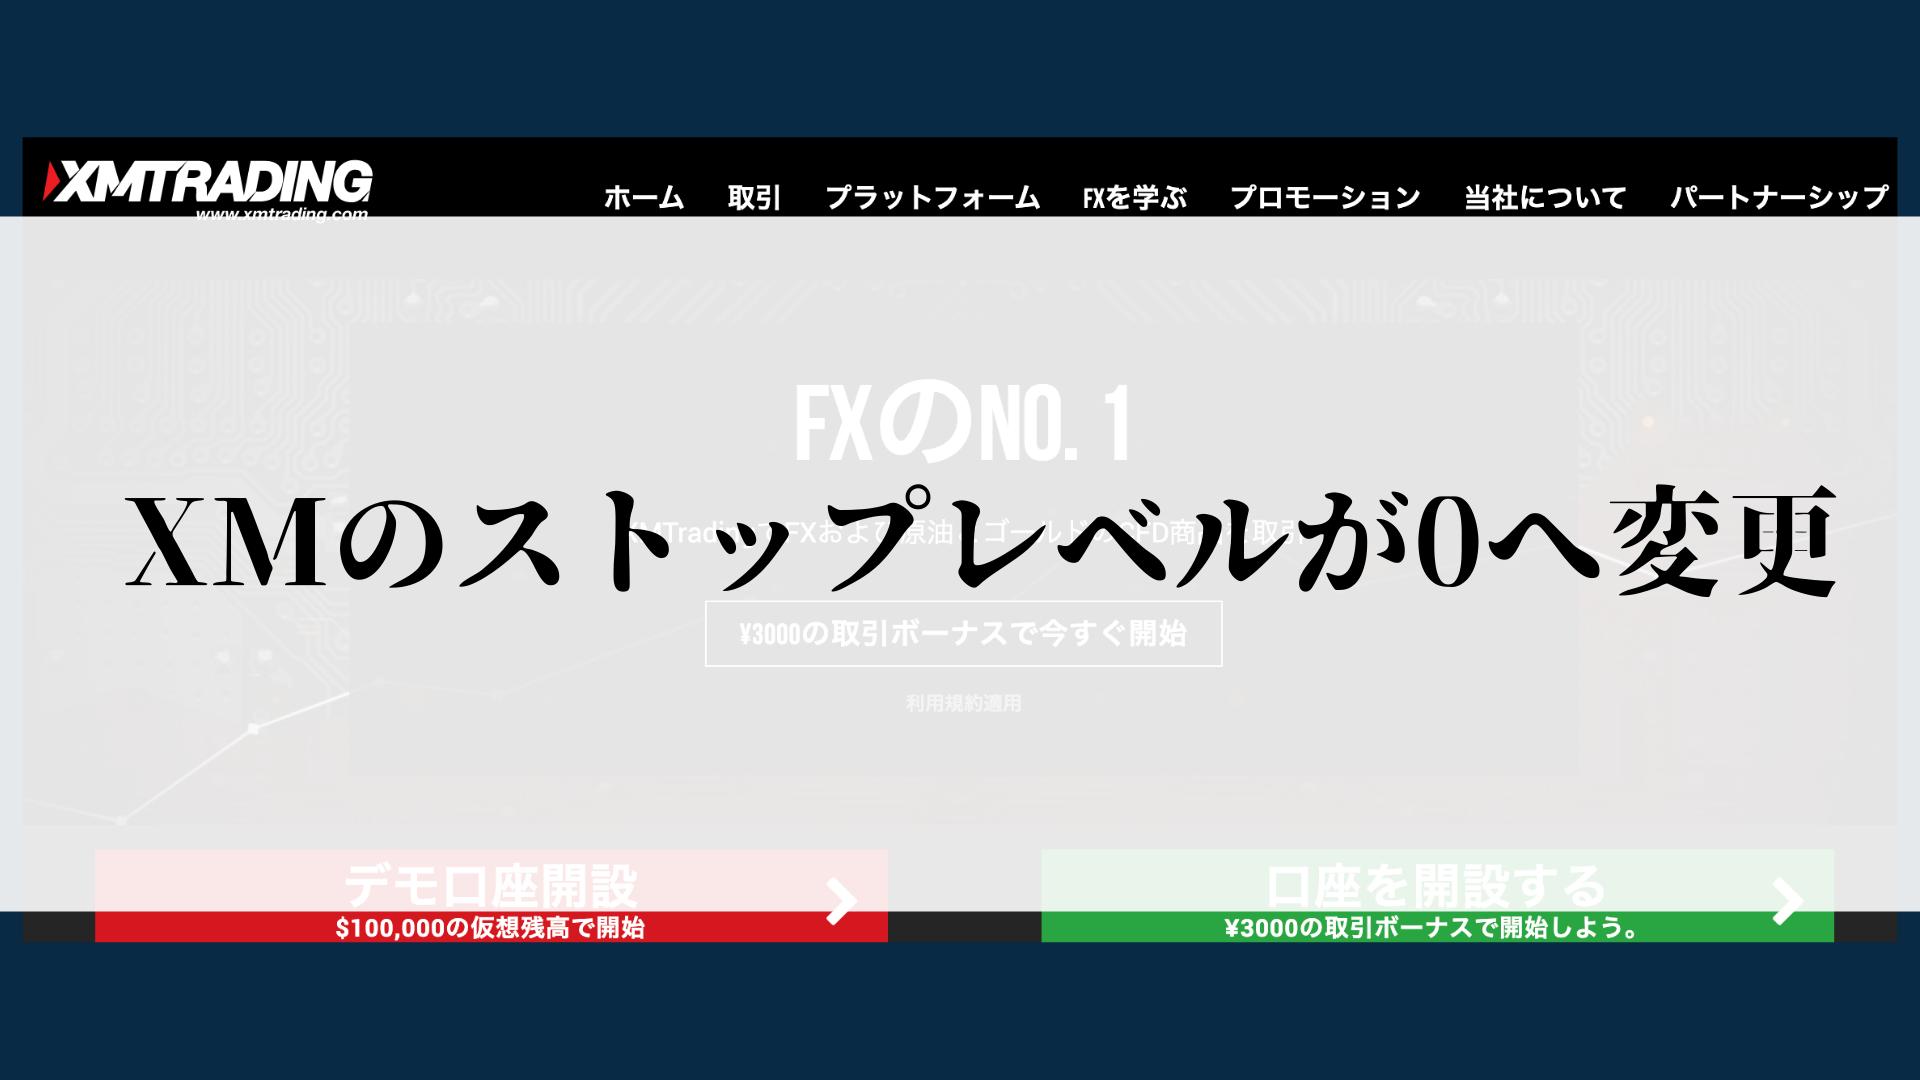 XM(XMTrading)の指値、逆指値のストップレベルが4.0pipsから0へ変更